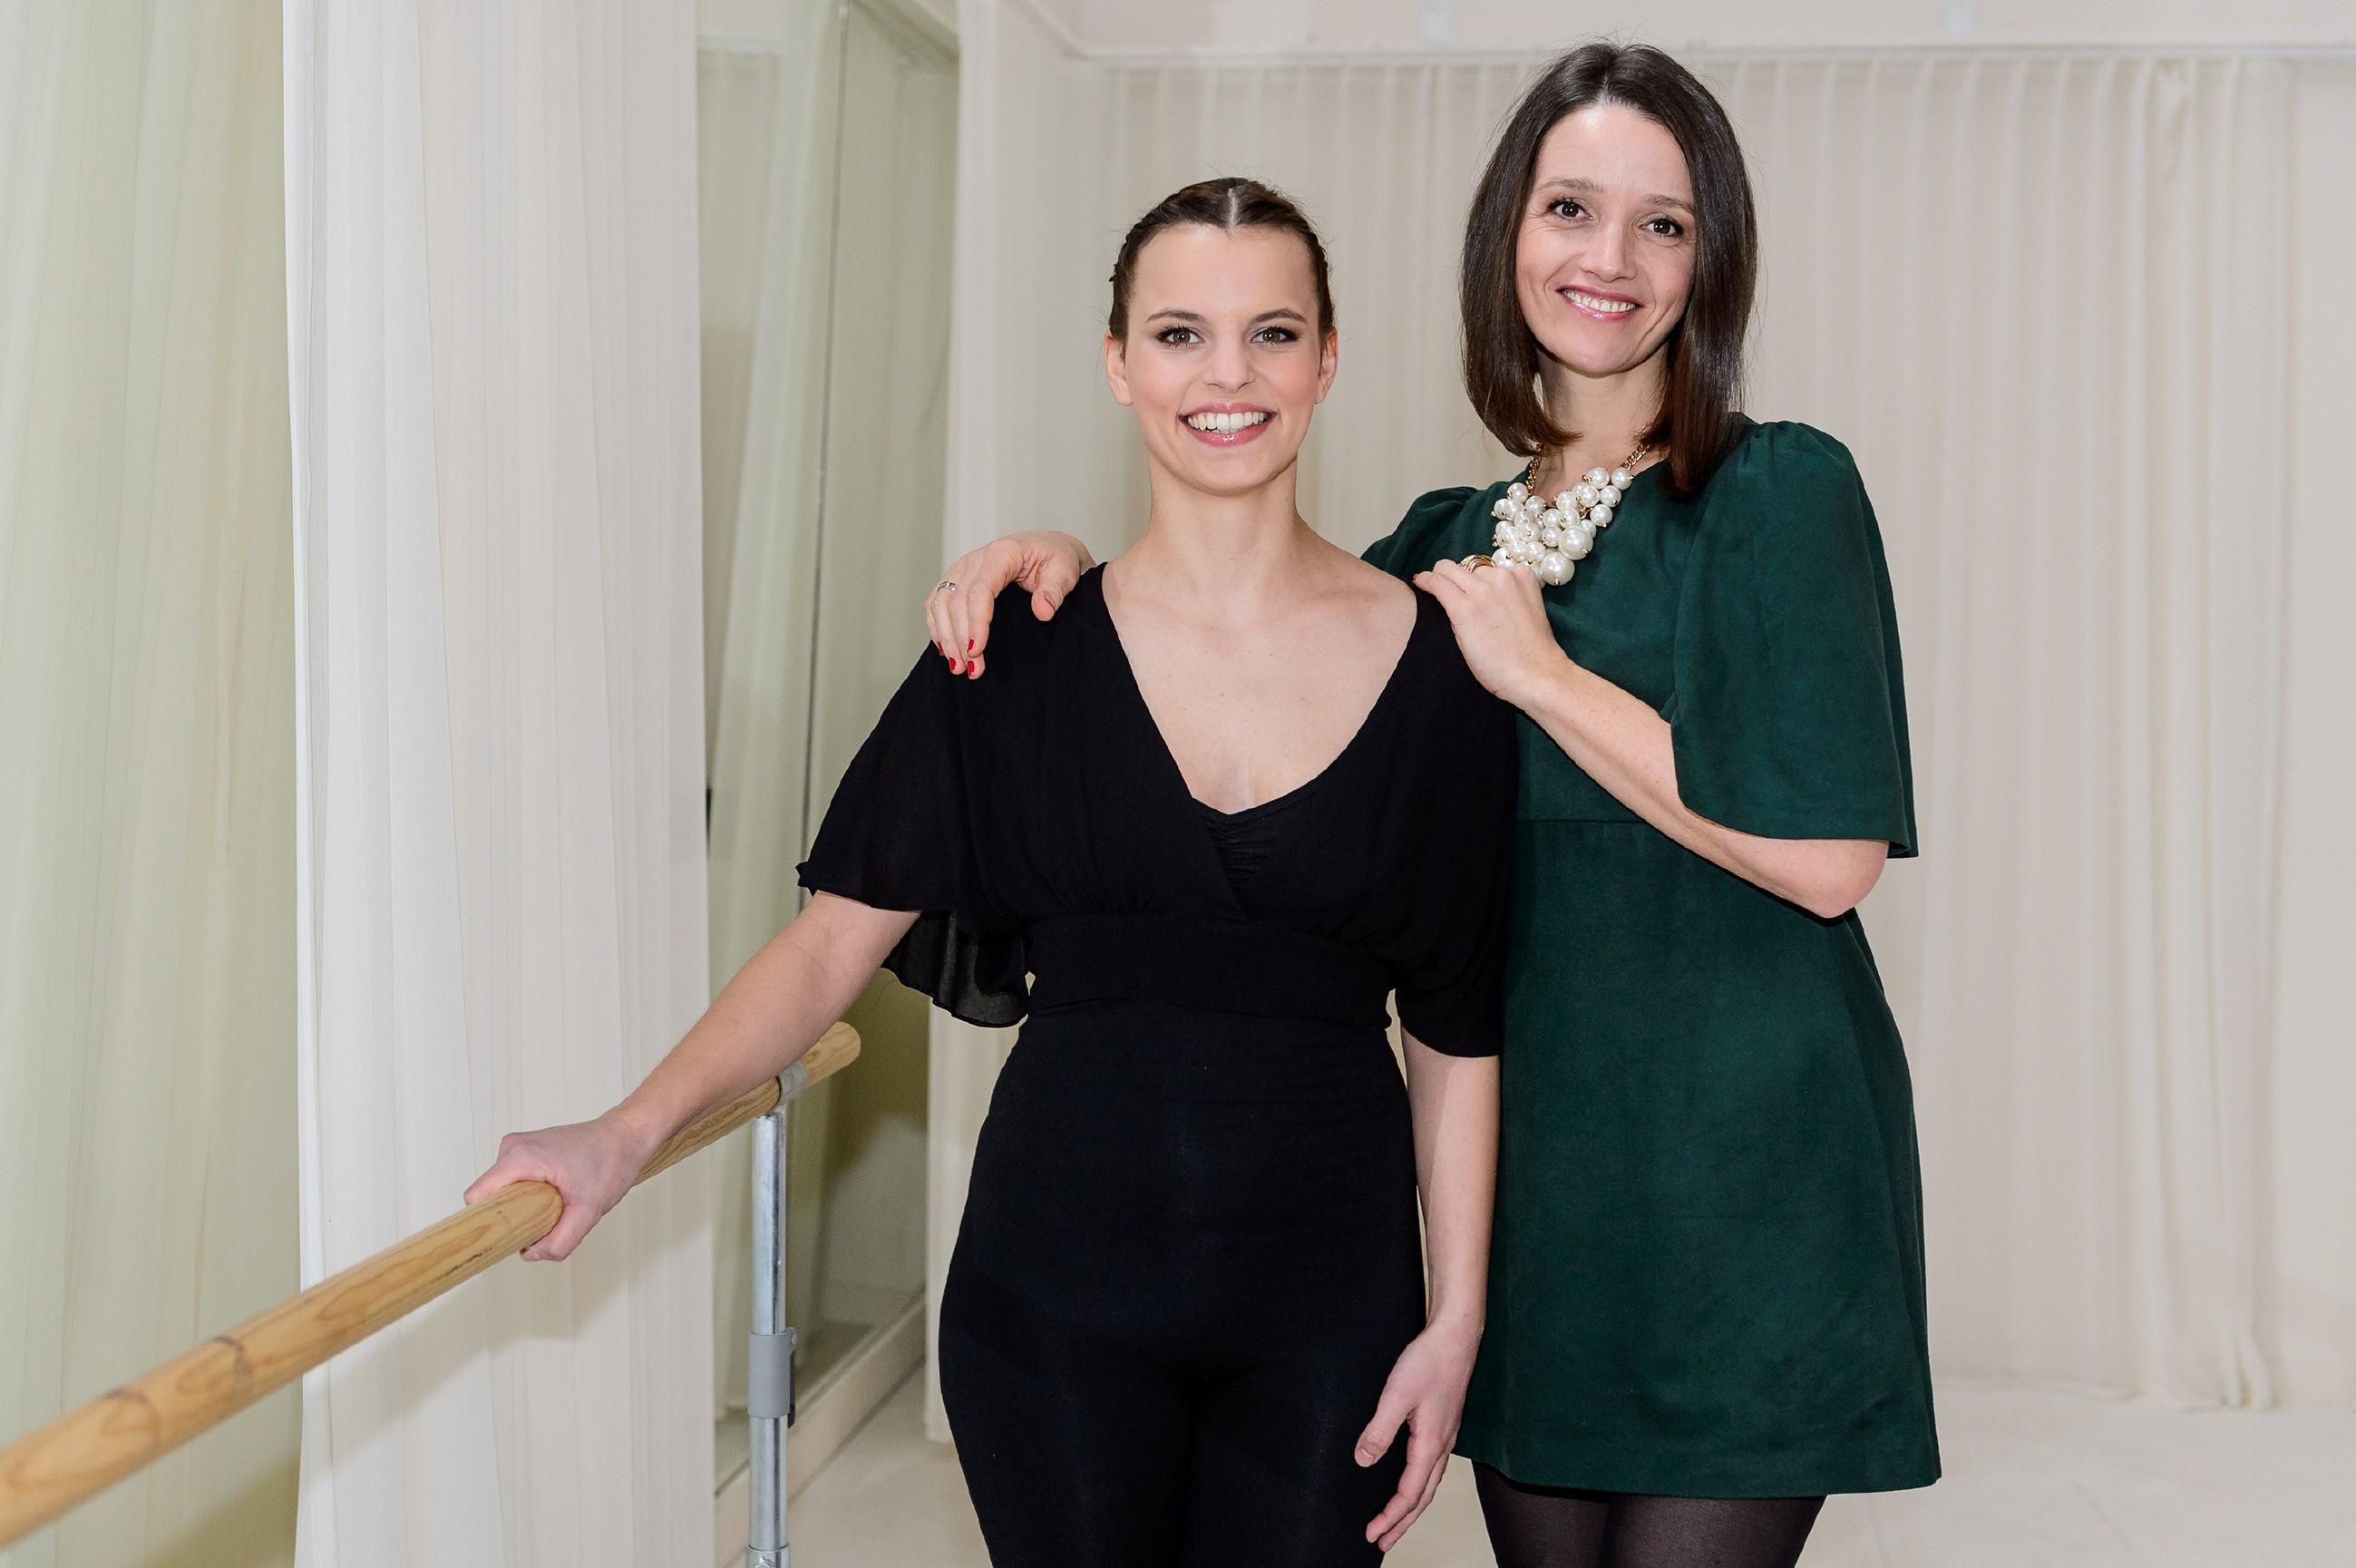 Michelle (Franziska Benz, l.) ist stolz, als Jenny (Kaja Schmidt-Tychsen) sie der Presse als großes Talent vorstellt. (Quelle: RTL / Willi Weber)